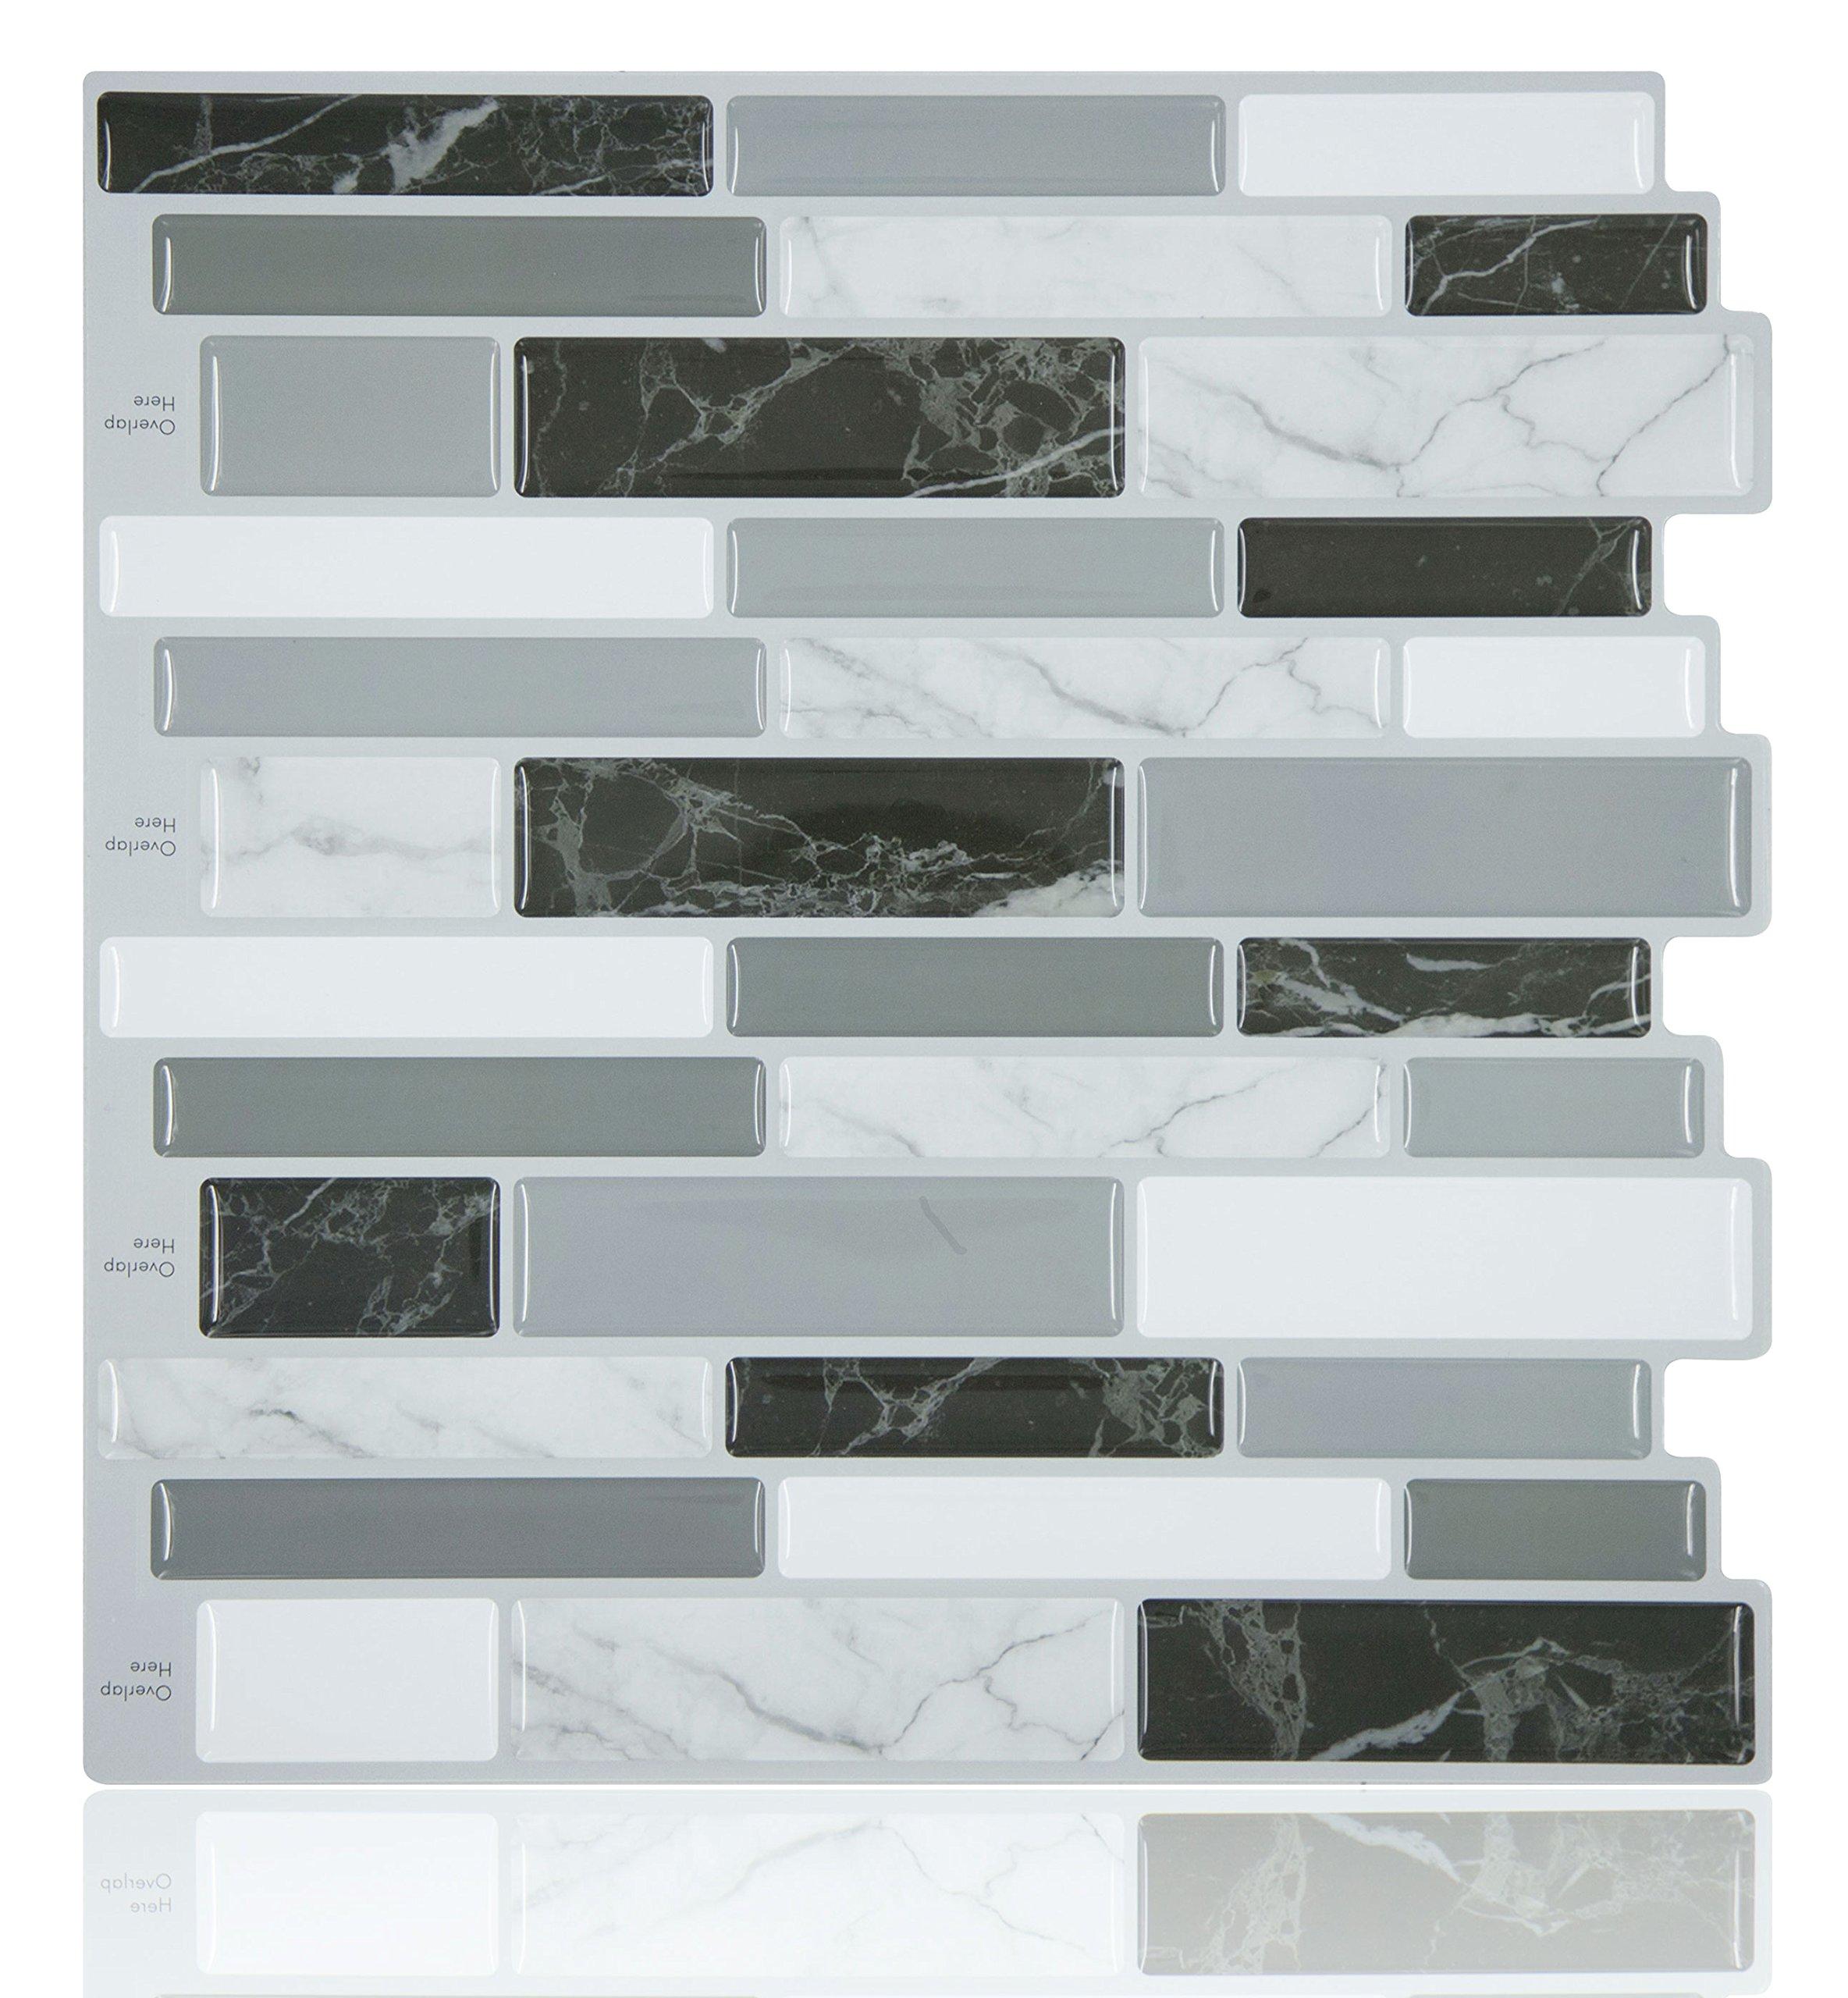 Cheap Backsplash Decorative Tile, find Backsplash Decorative Tile ...